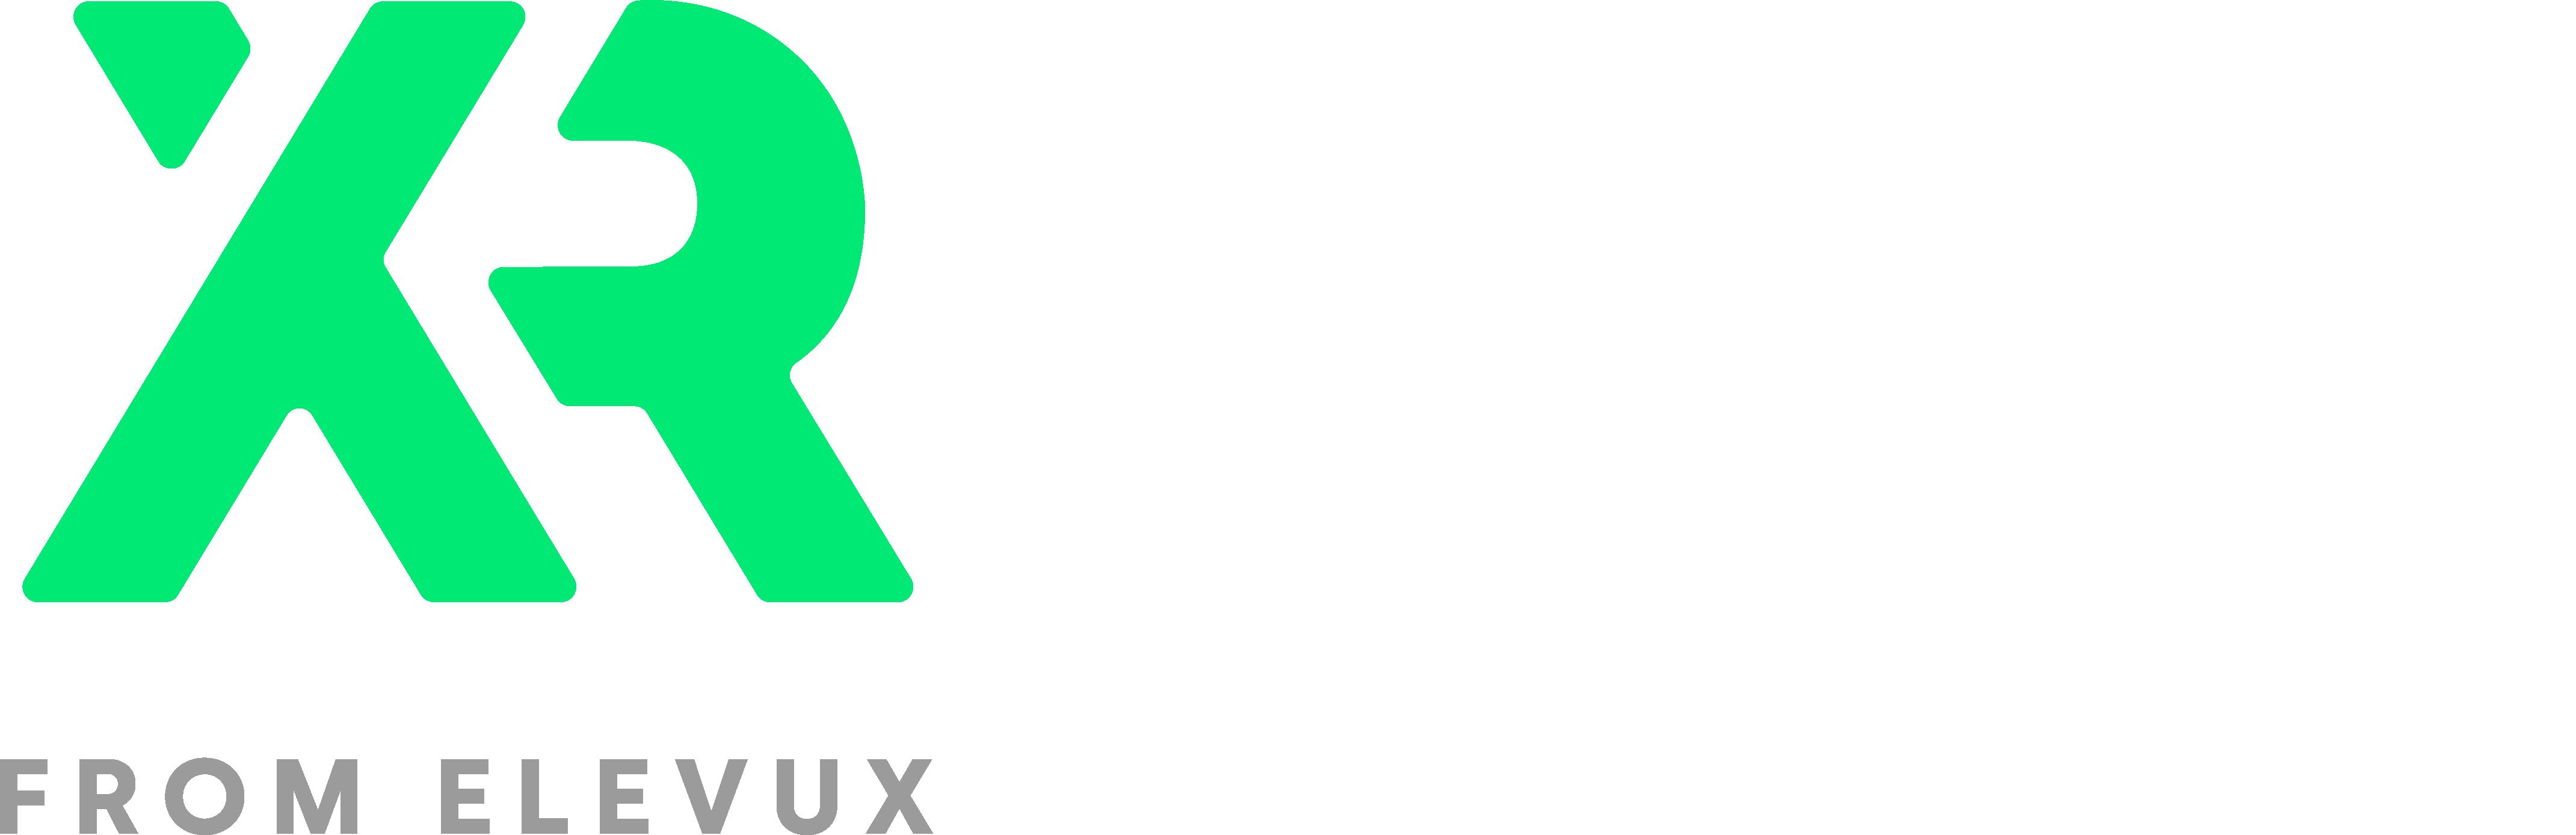 xureal_logo